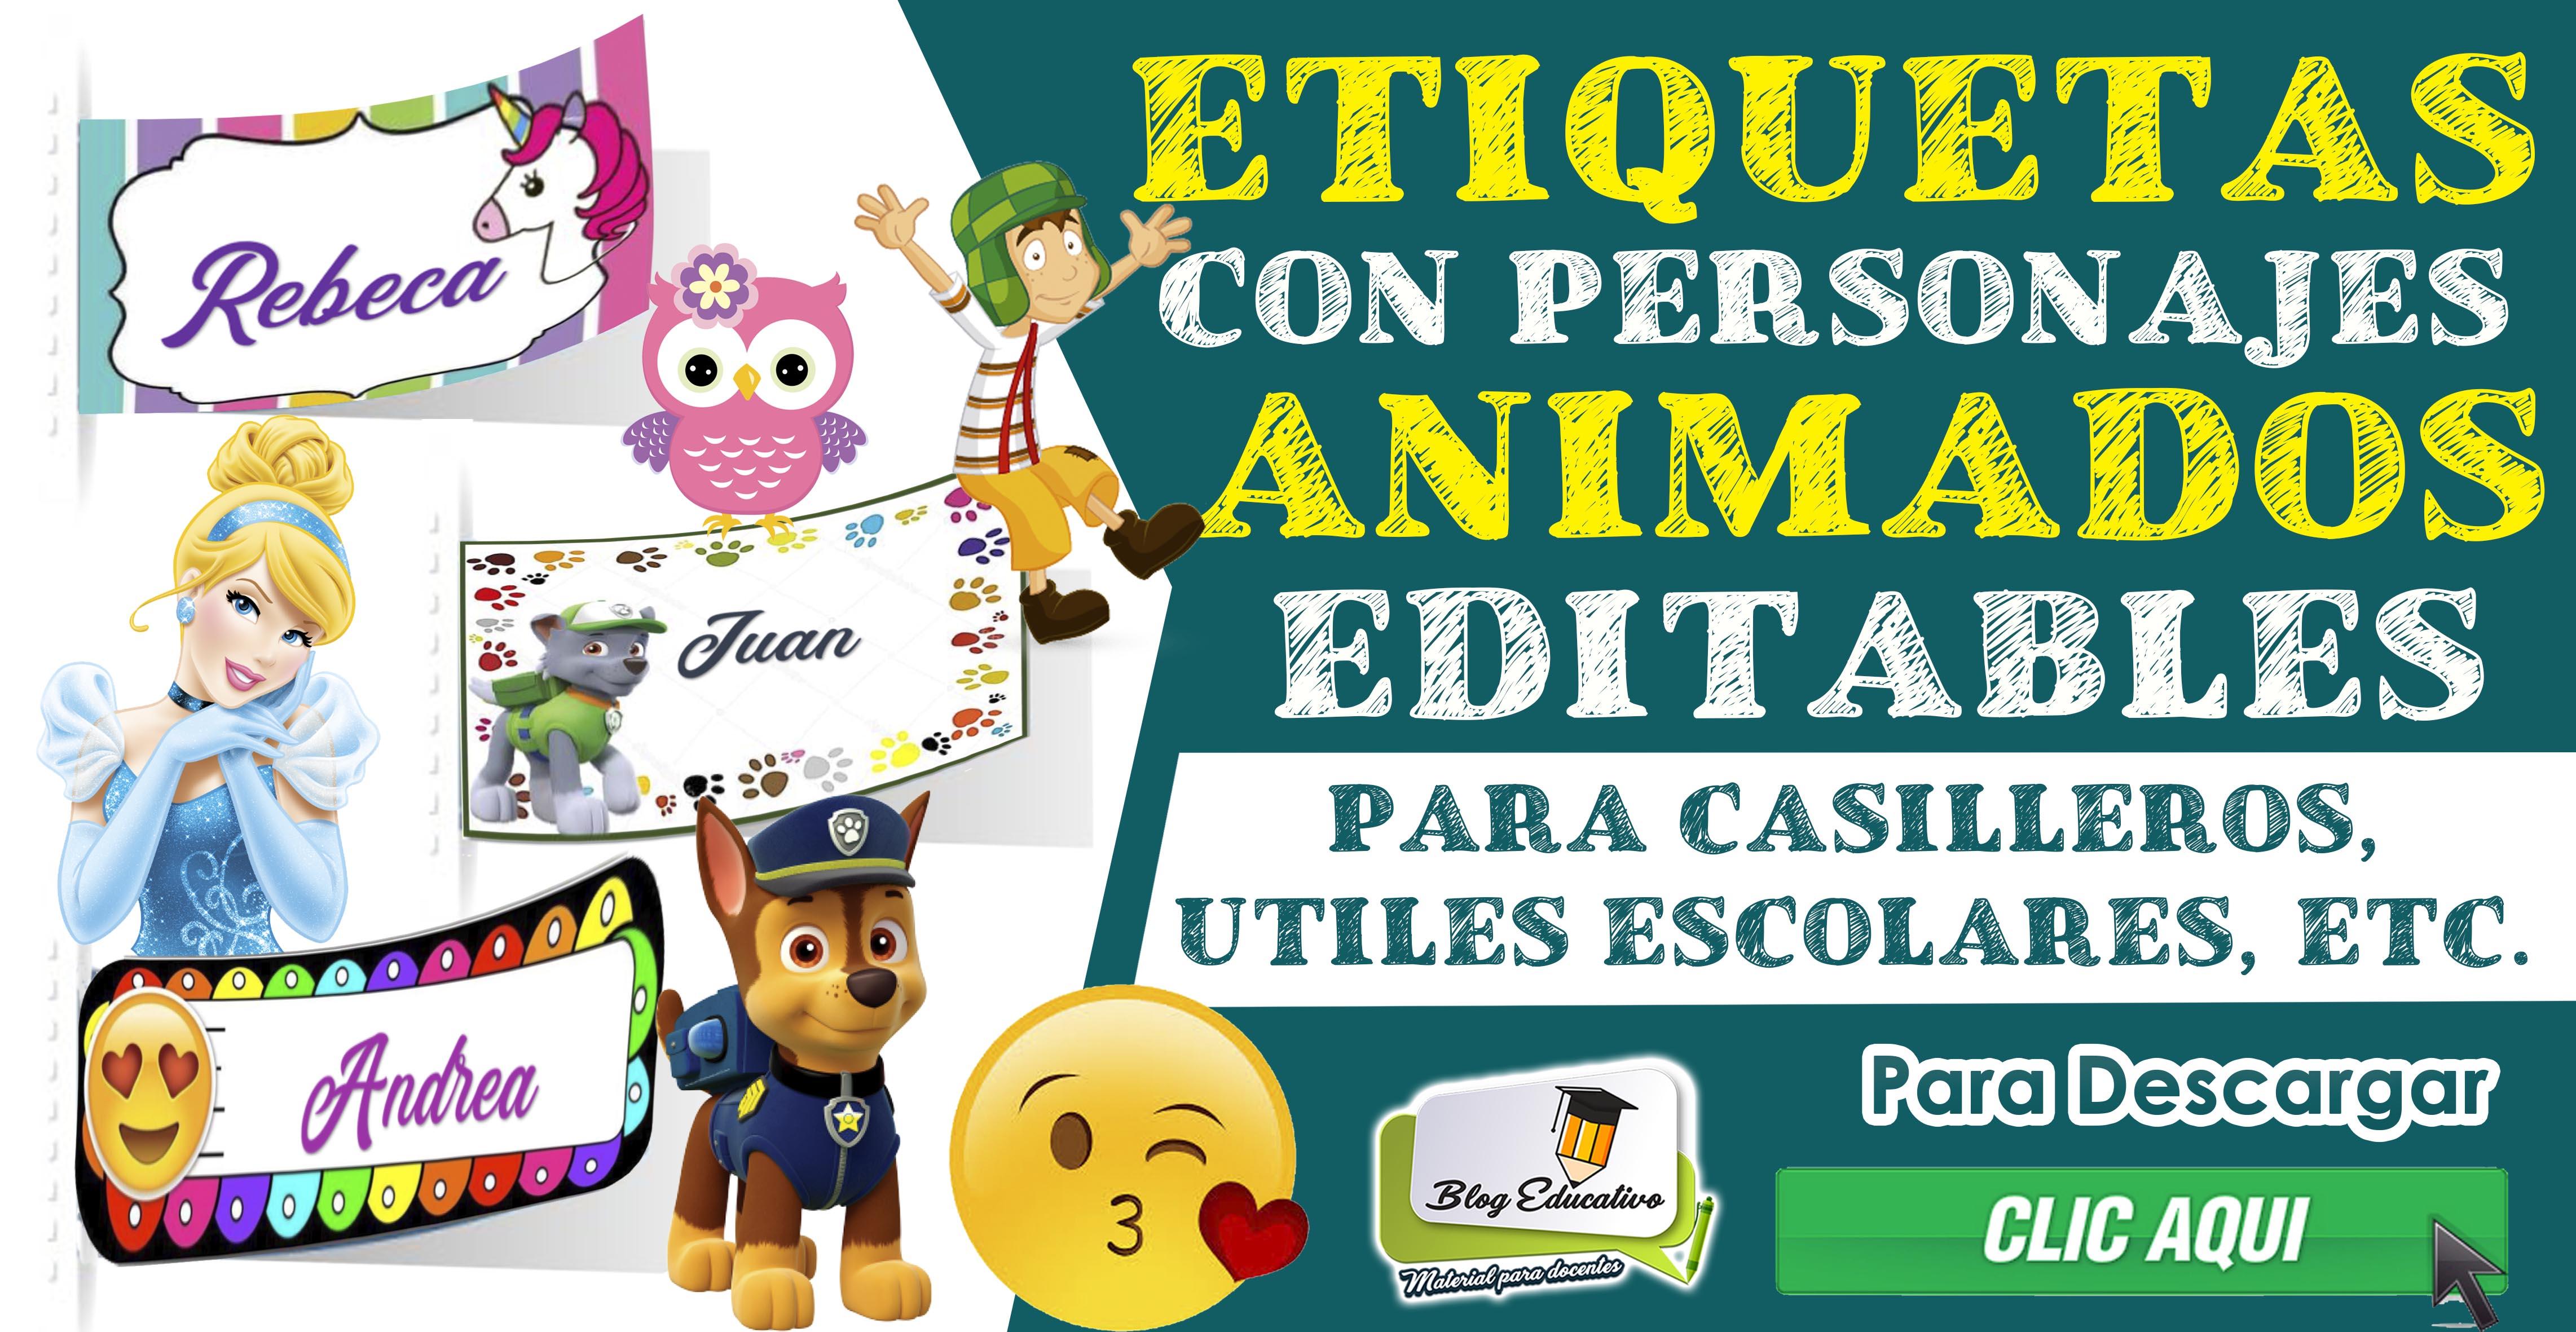 Etiquetas con personajes animados - Blog Educativo